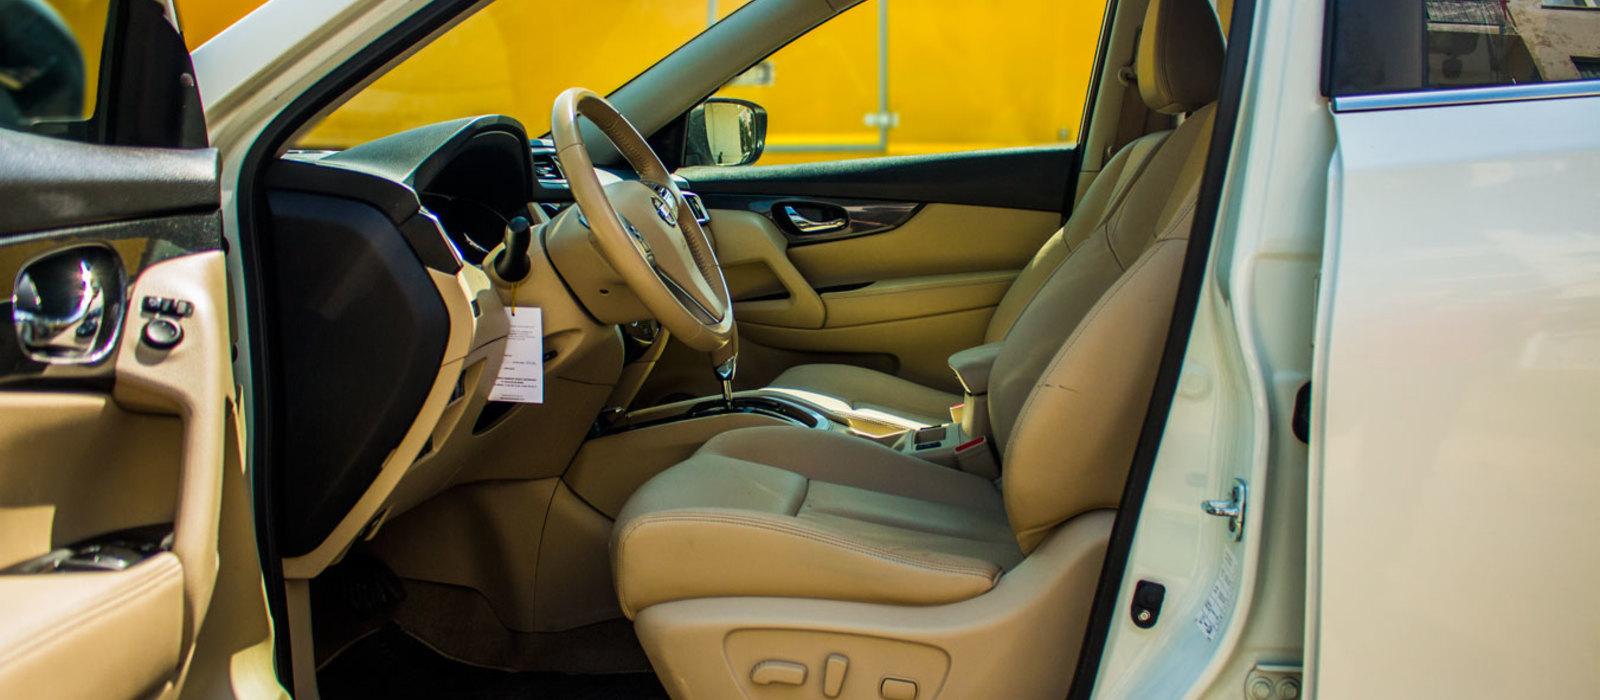 ikinci el araba 2015 Nissan X-Trail 1.6 dCi Platinum Premium Dizel Otomatik 46000 KM 6